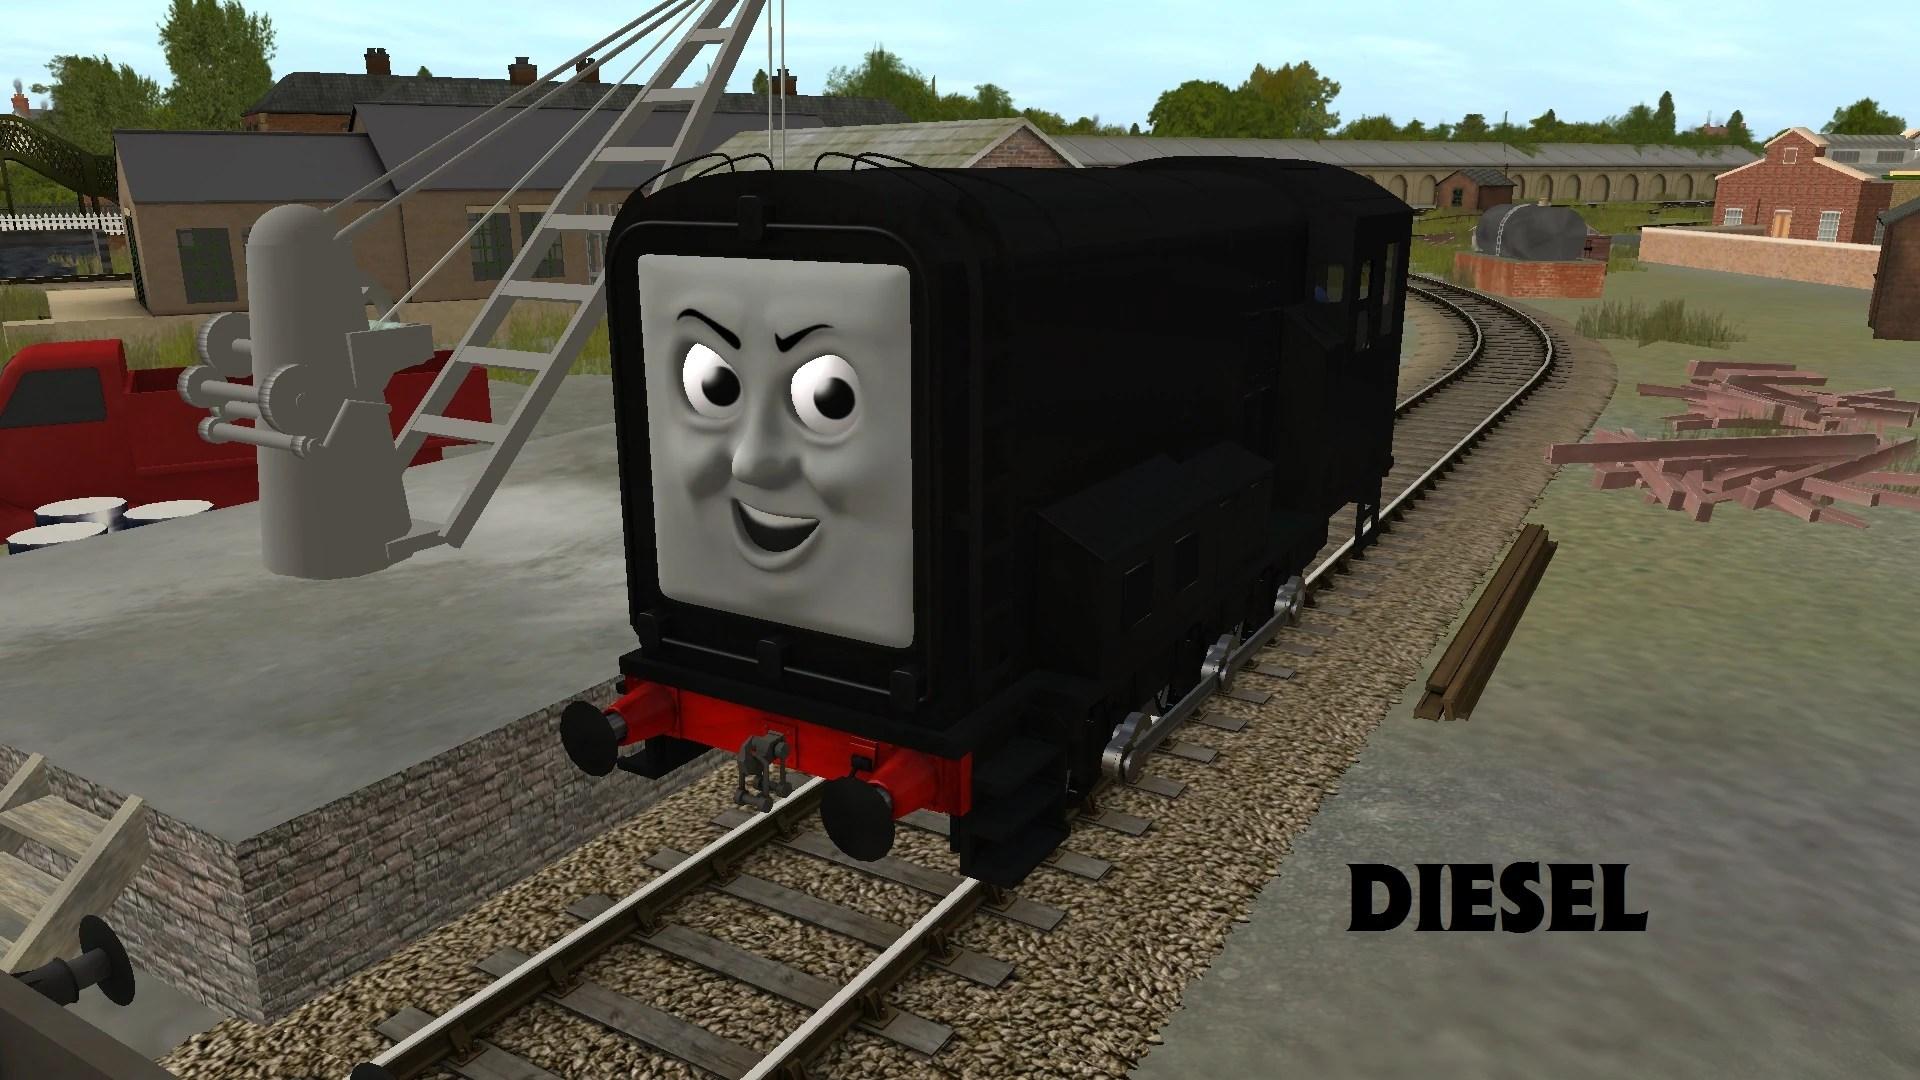 Diesel | Thomas1Edward2Henry3 Wiki | FANDOM powered by Wikia